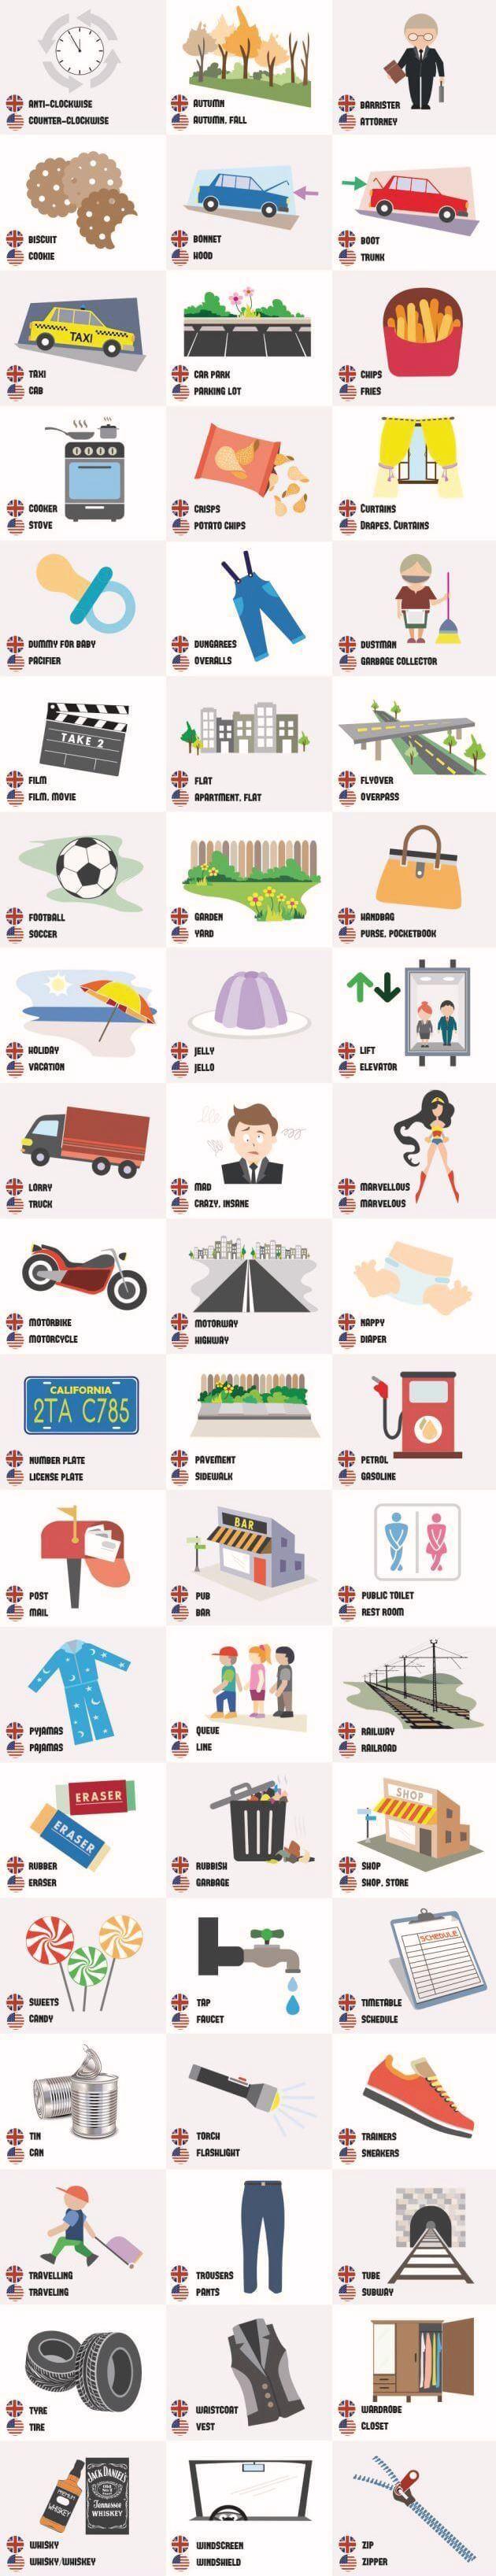 diferencias vocabulario ingles américa y europeo